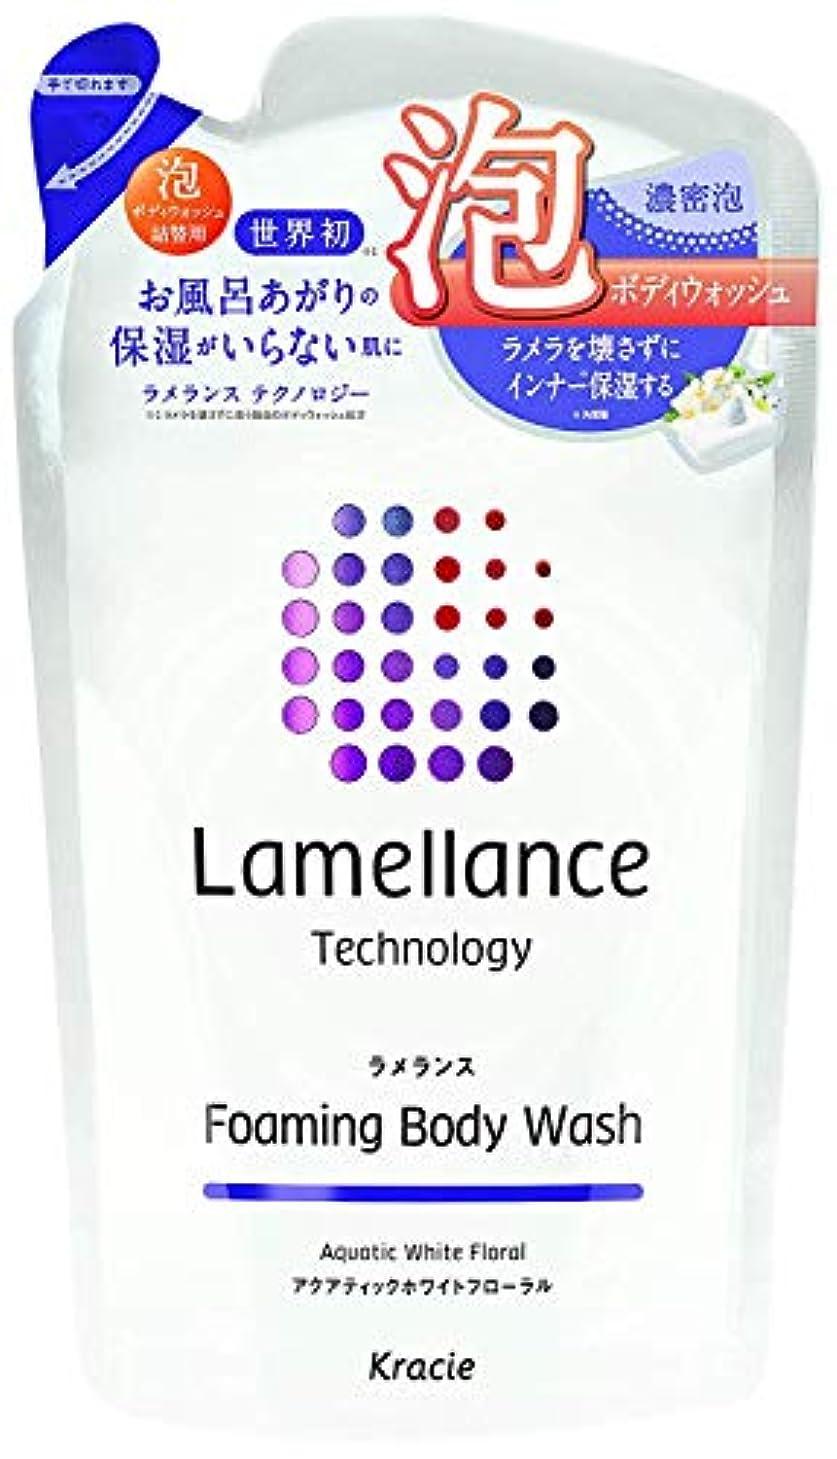 甘味承認懐ラメランス 泡ボディウォッシュ詰替380mL(アクアティックホワイトフローラルの香り) 泡立ていらずの濃密泡